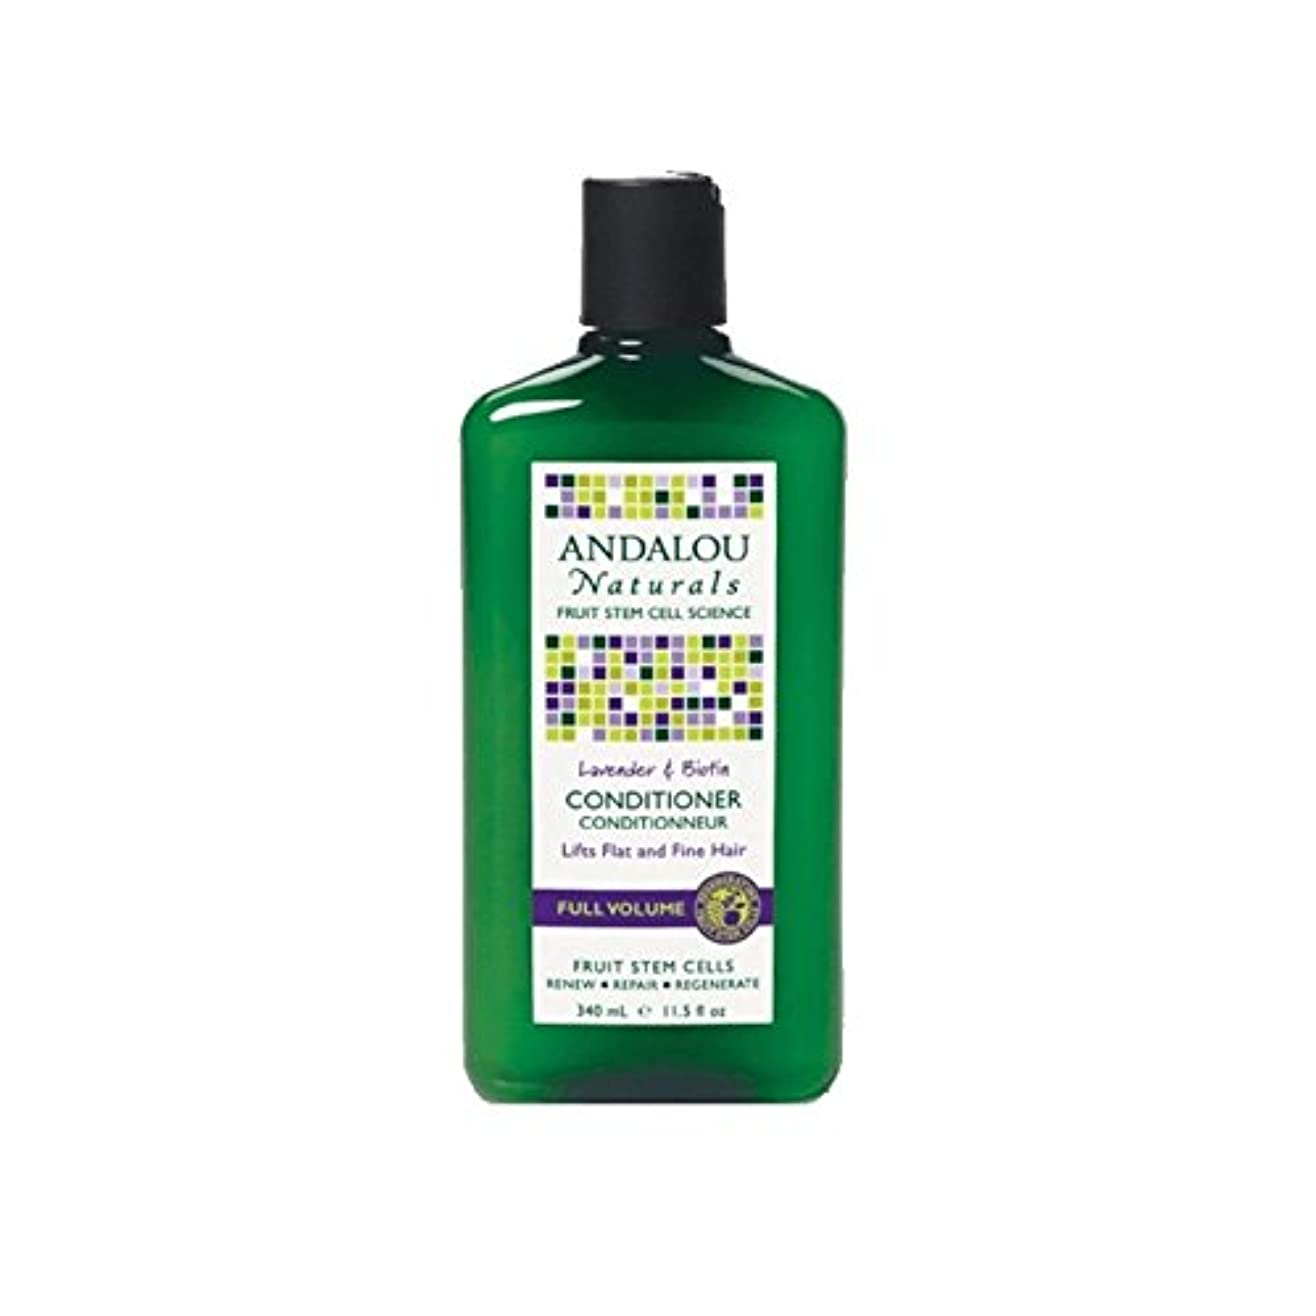 クレデンシャル冷凍庫眉をひそめるアンダロウラベンダー&ビオチンフルボリュームコンディショナー340ミリリットル - Andalou Lavender & Biotin Full Volume Conditioner 340ml (Andalou) [並行輸入品]